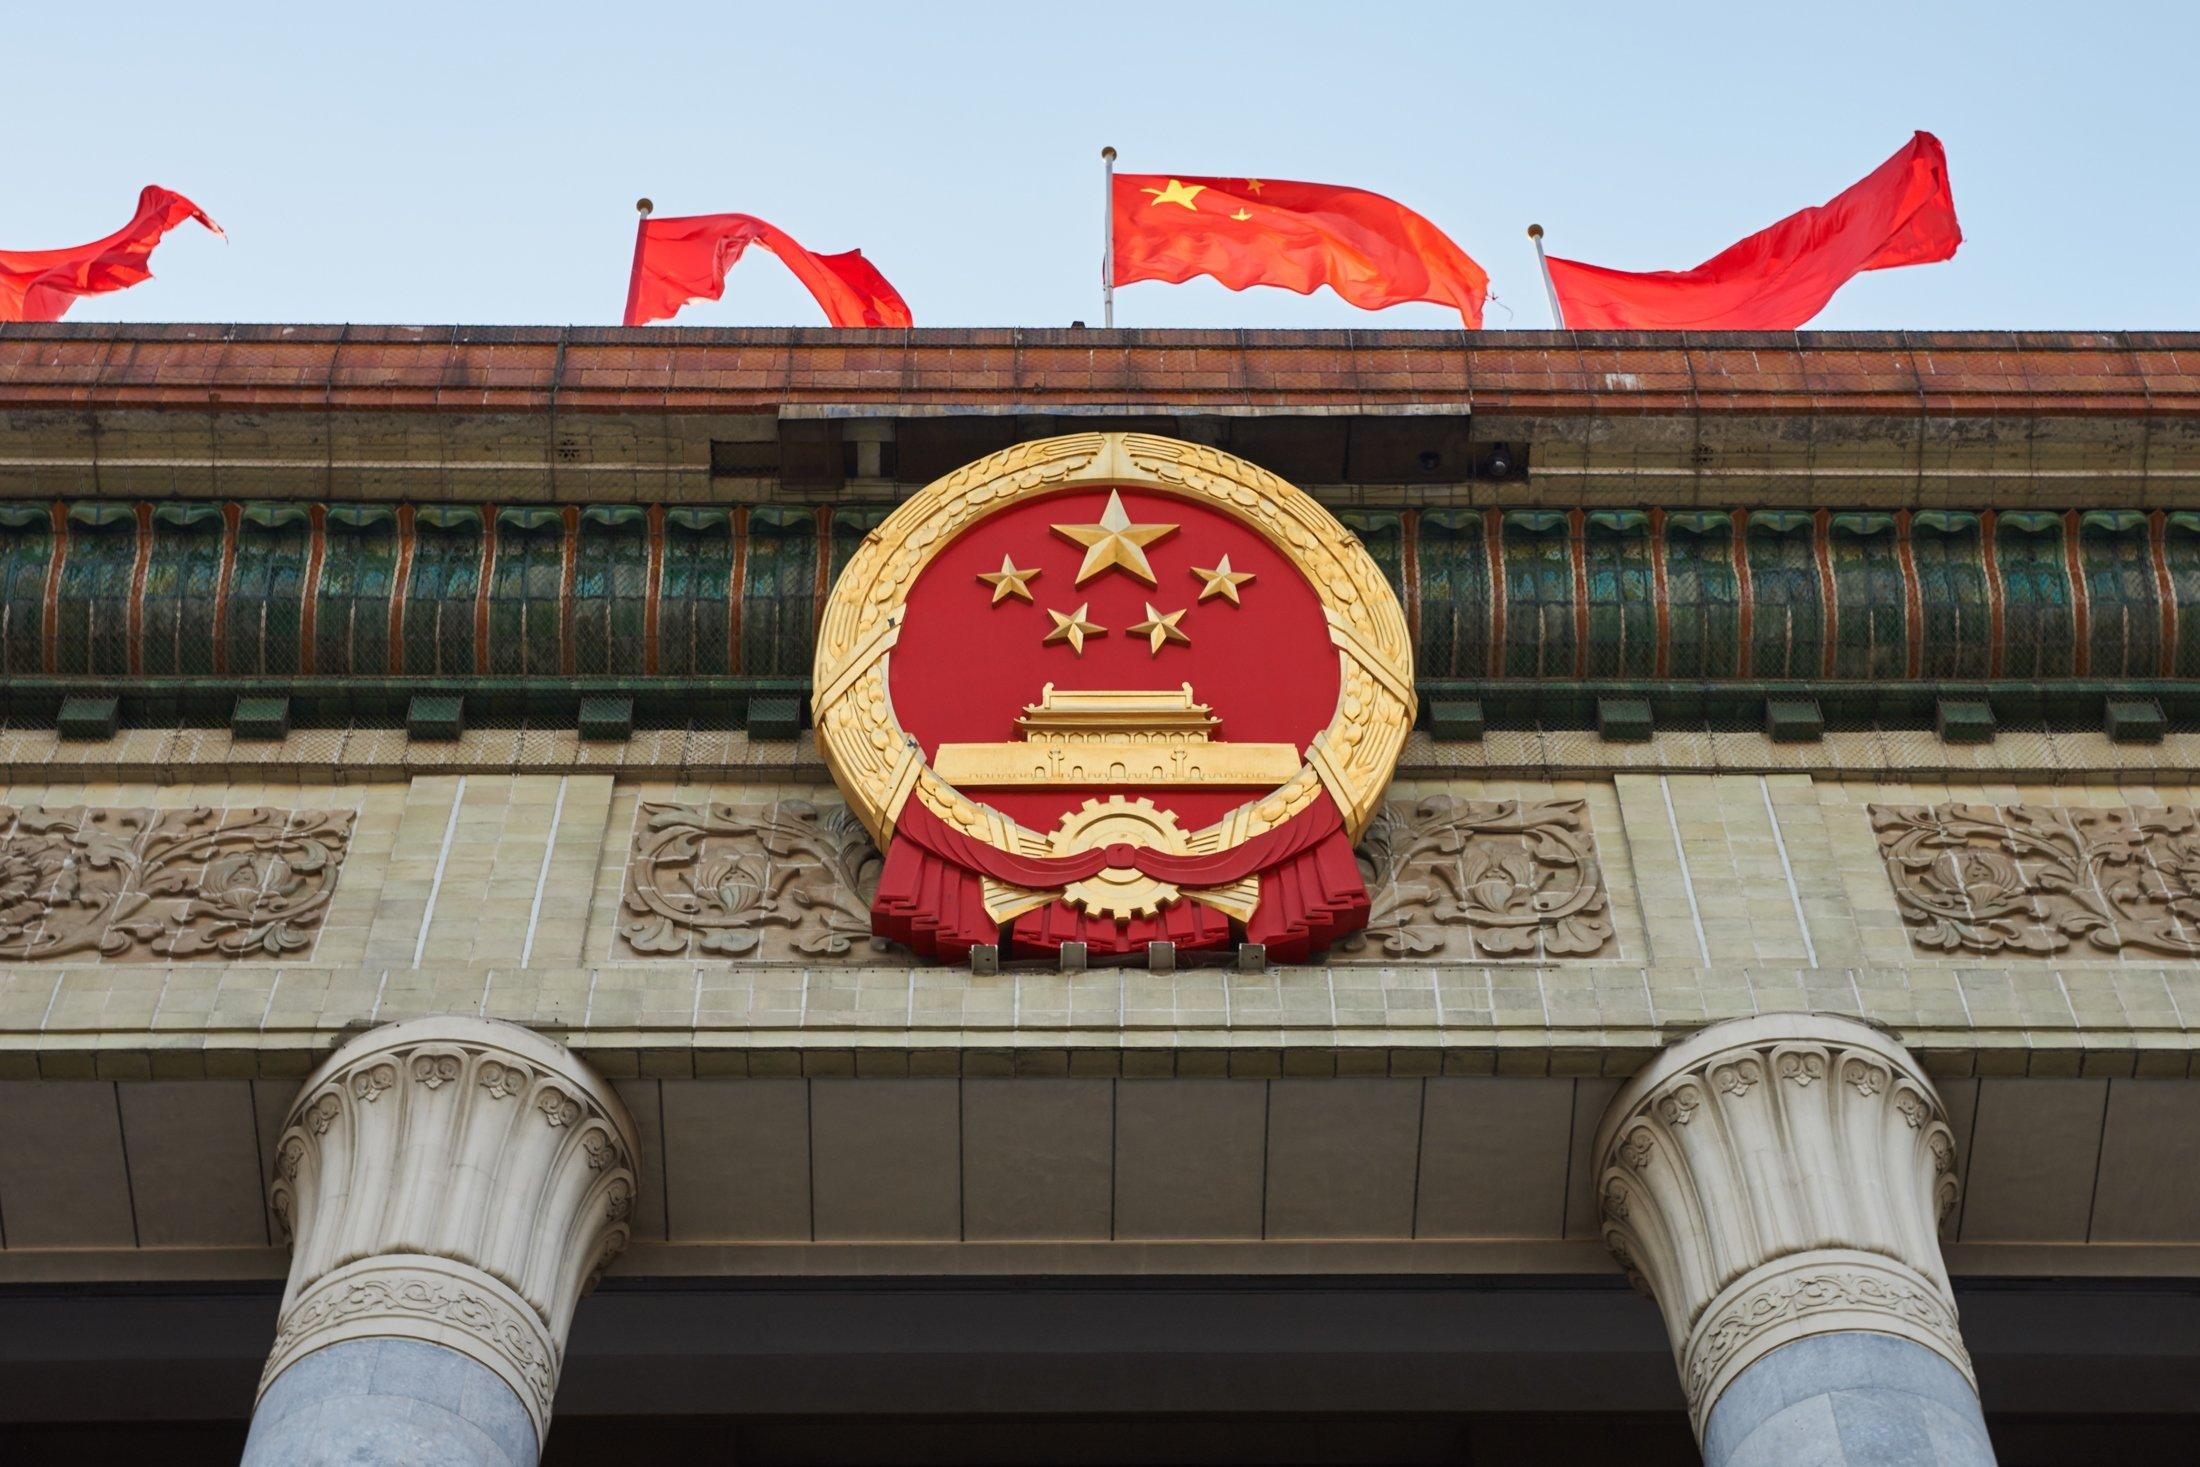 Кина уводи санкције против америкиг организација и појединаца